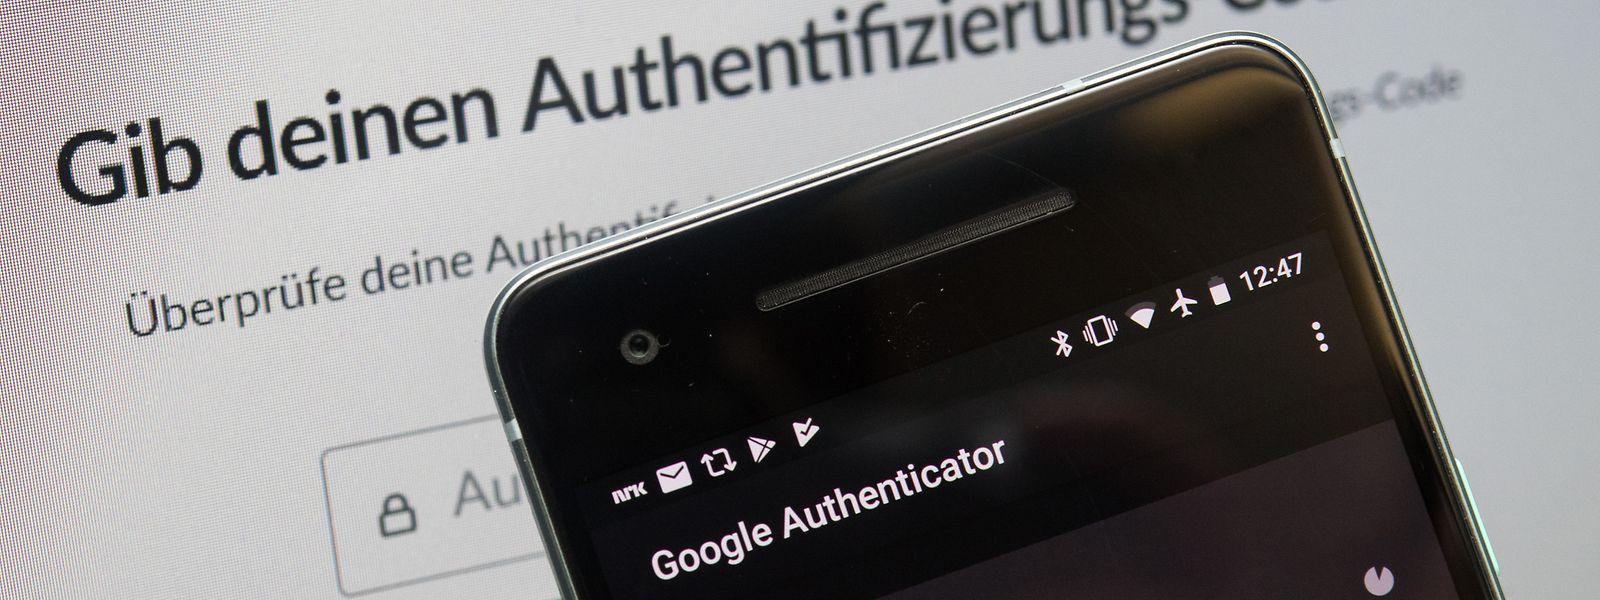 Doppelt hält besser: Nutzer sollten ihre Online-Konten möglichst mit einer Zweifaktor-Authentifizierung schützen. Dann kommt - wie hier beim Google Authenticator - ein zusätzlicher Code auf das Smartphone.